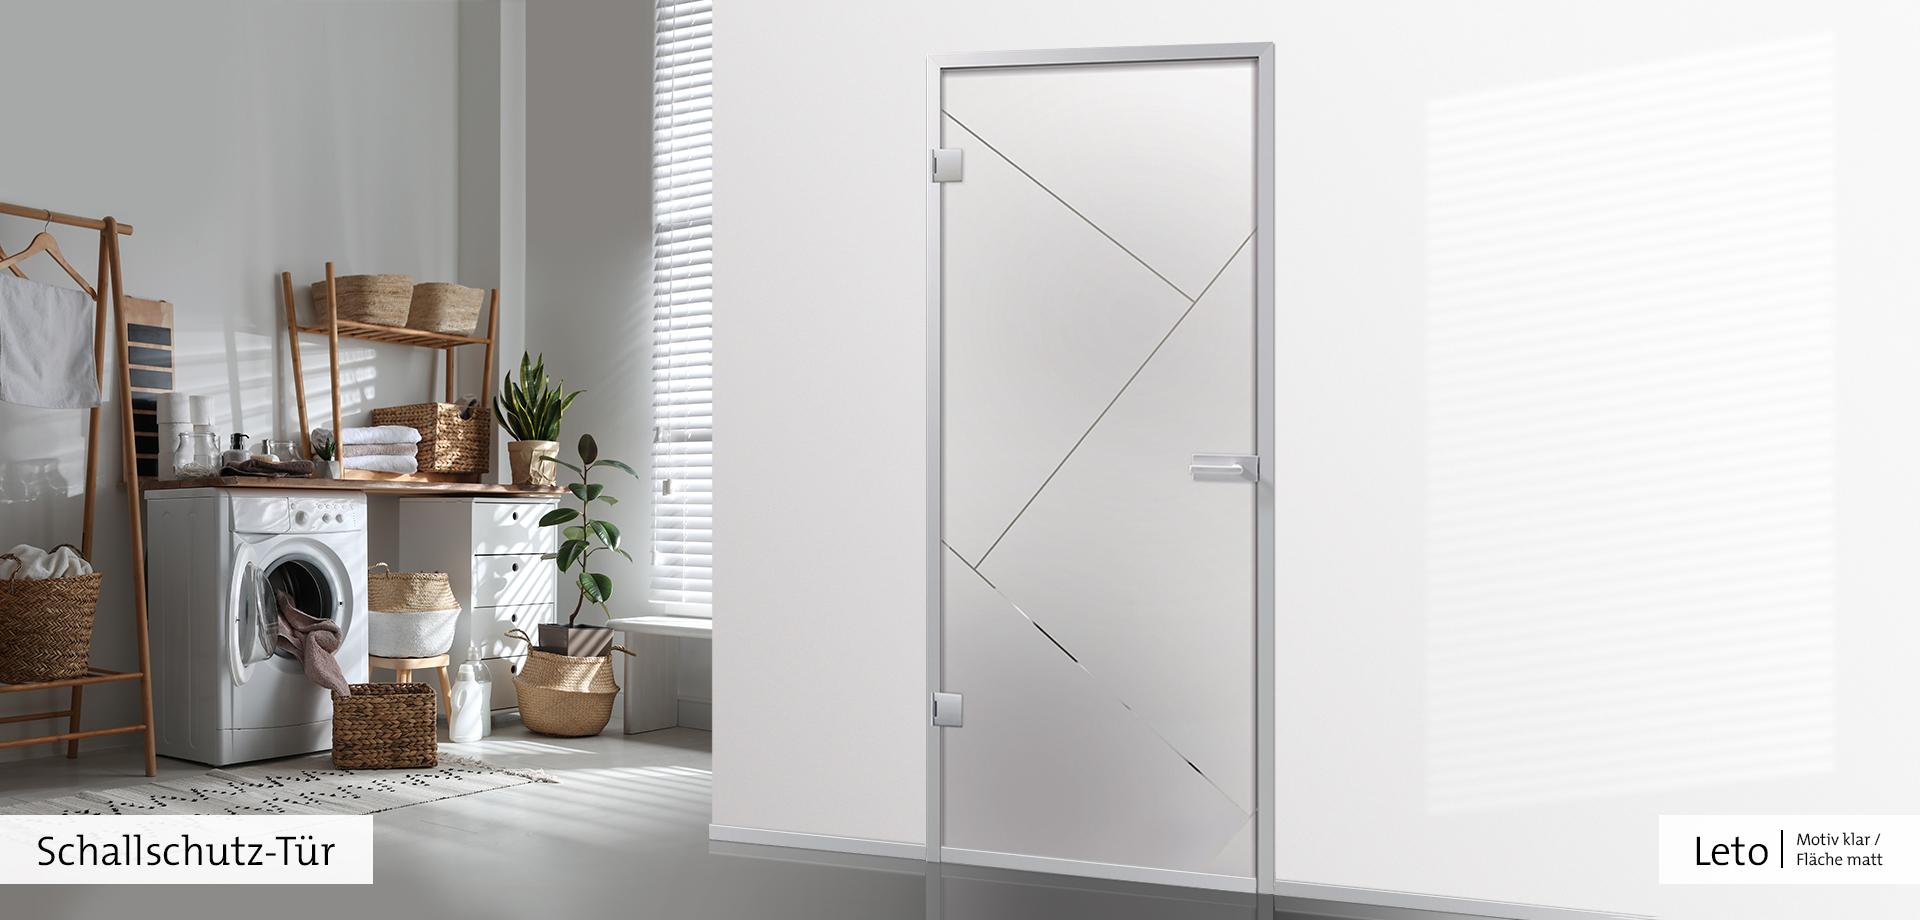 Leto als Schallschutz-Tür